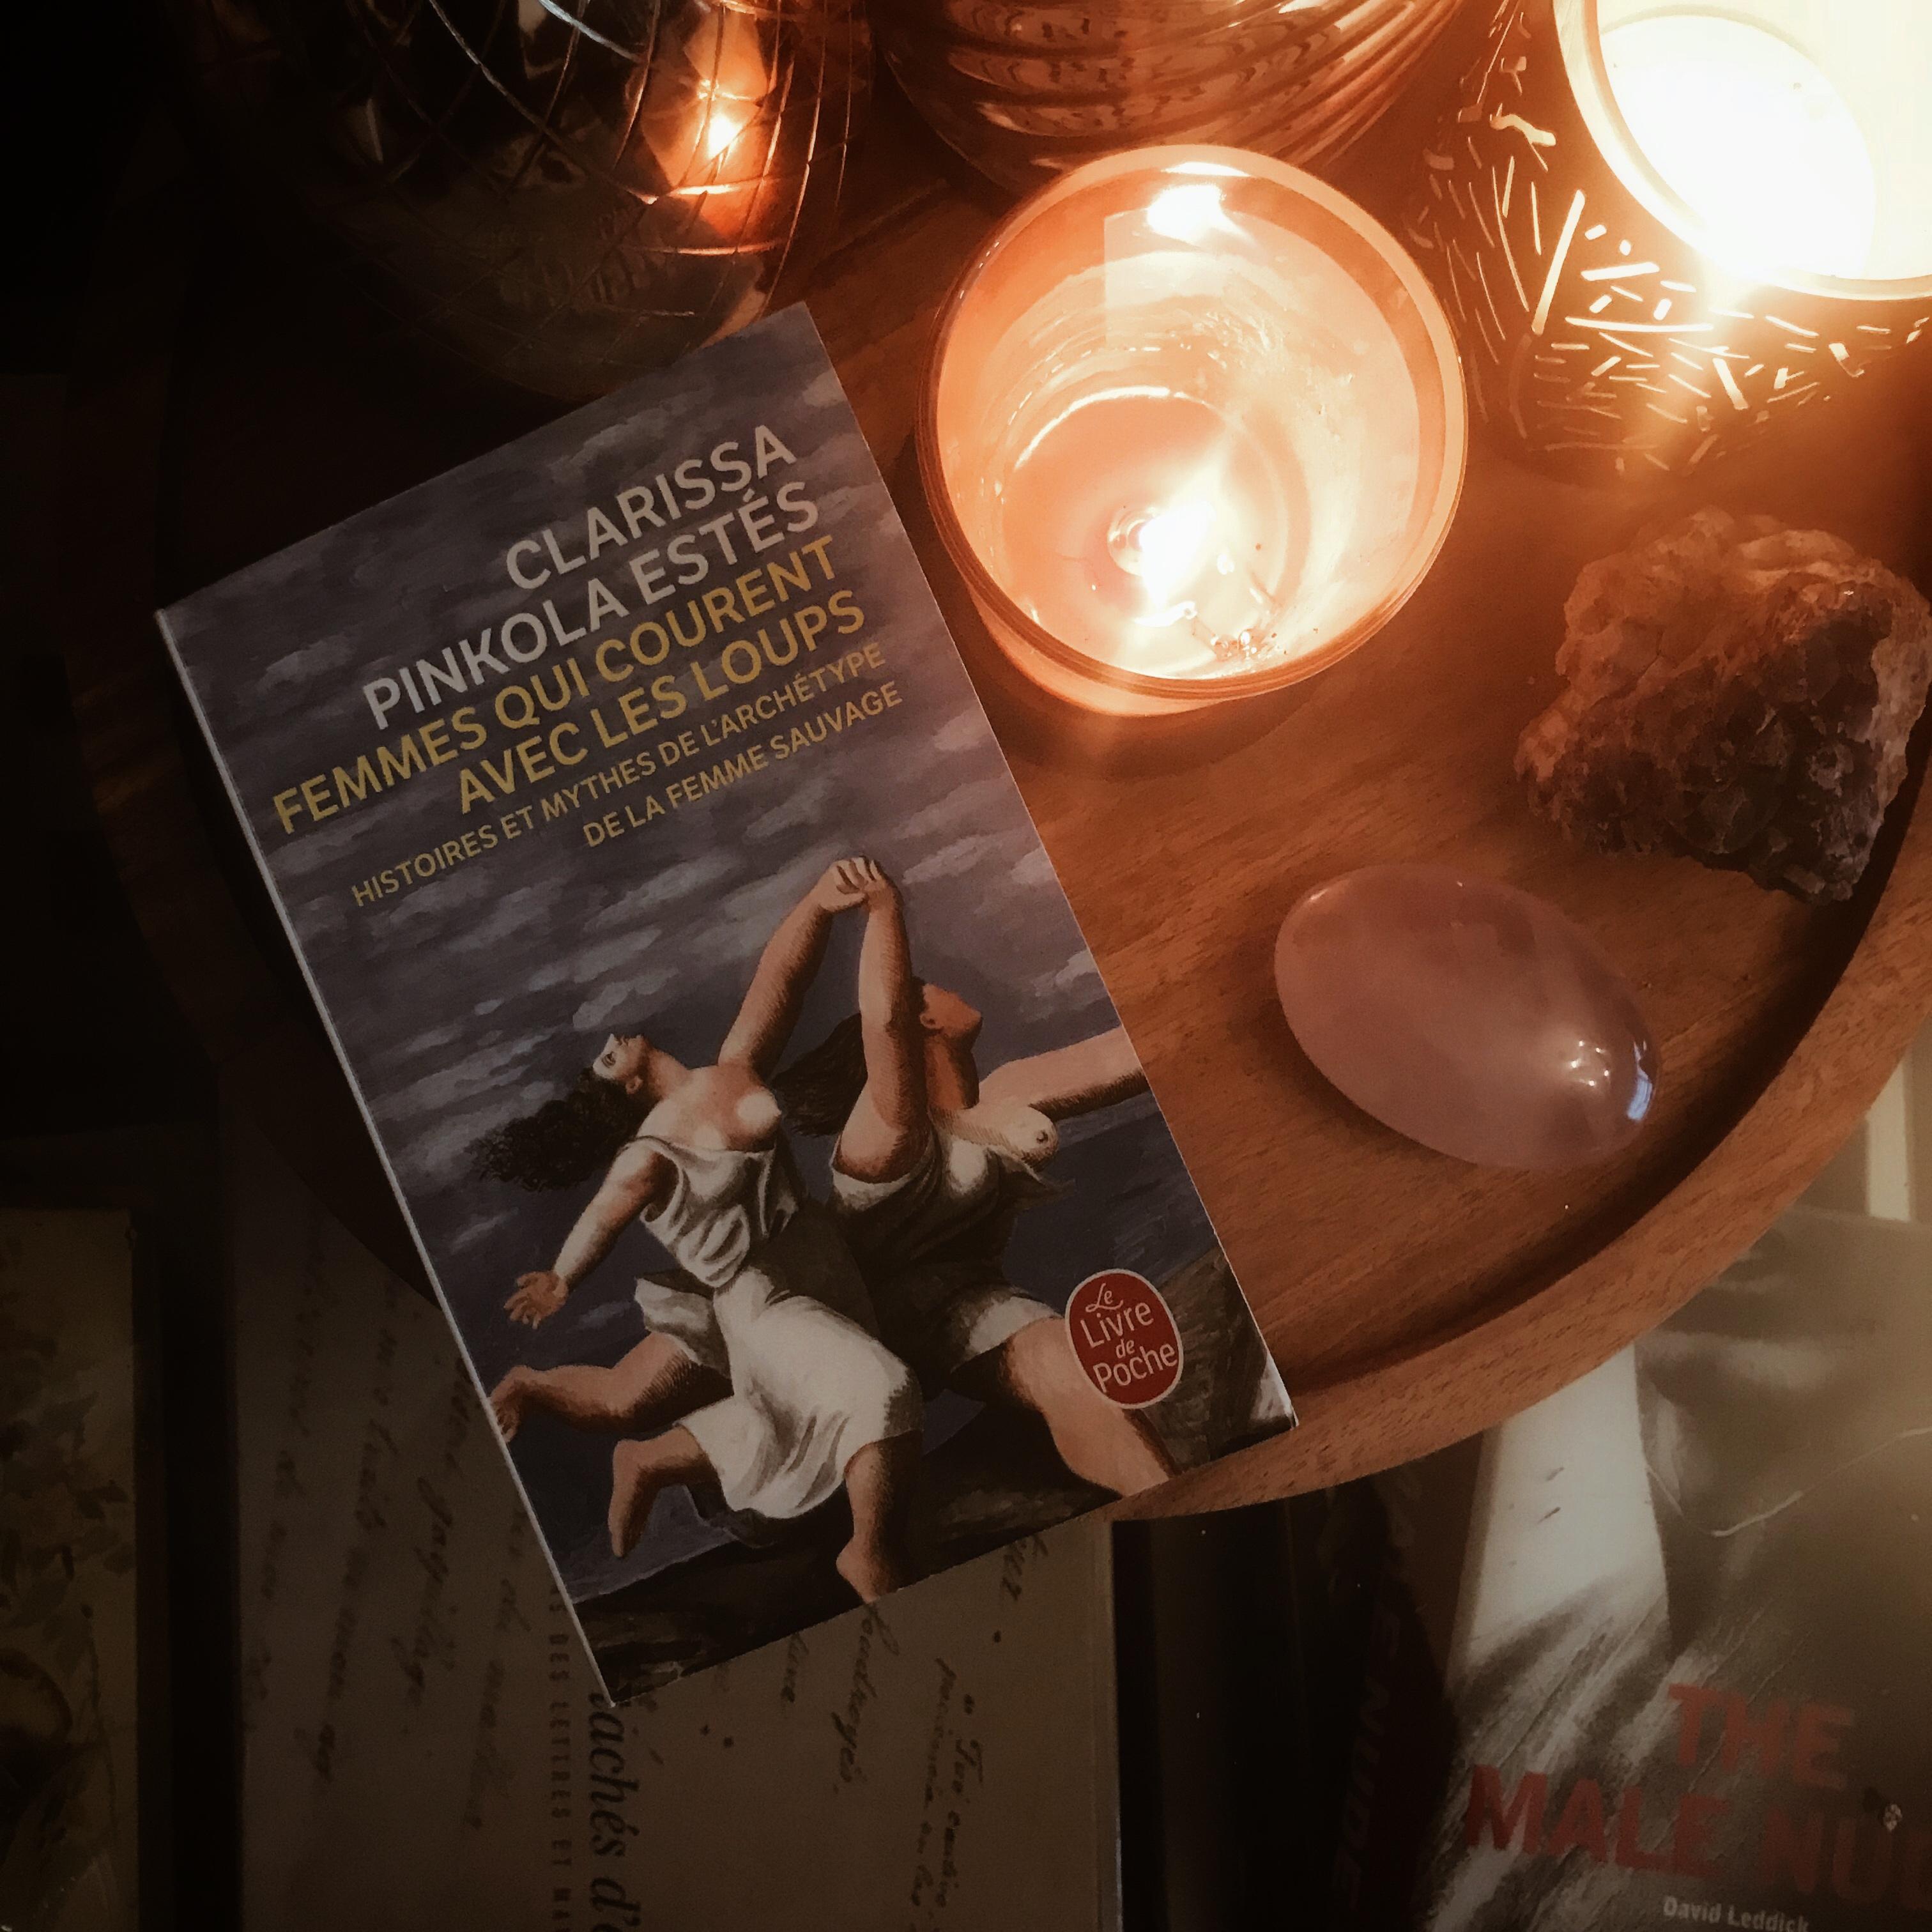 Femmes qui courent avec les loups, de Clarissa Pinkola Estés : à la poursuite du féminin sauvage